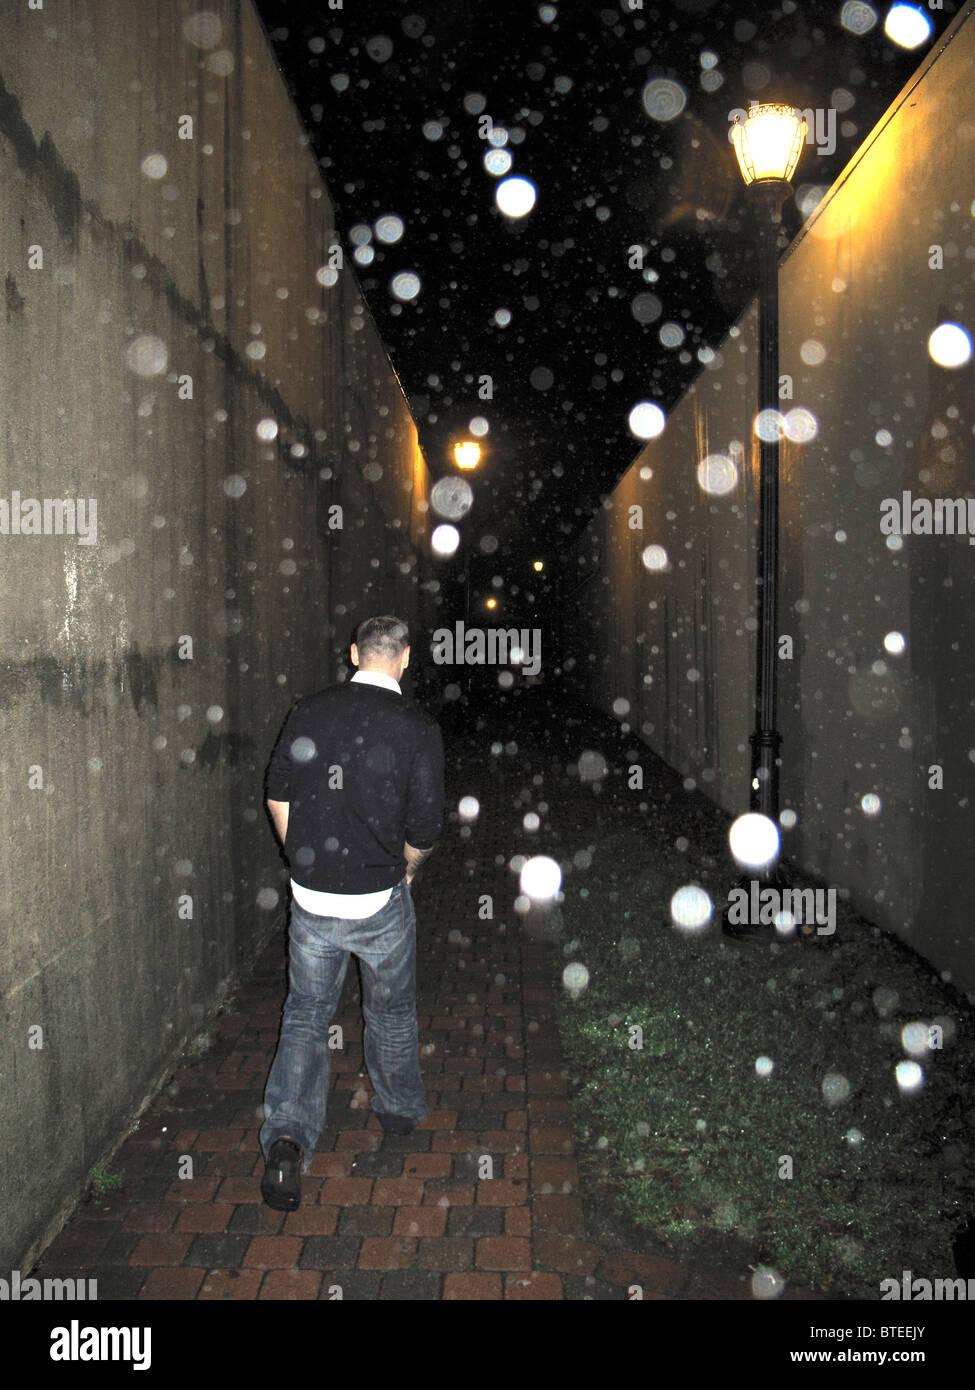 Uomo che cammina nel vicolo sulla notte piovosa Immagini Stock